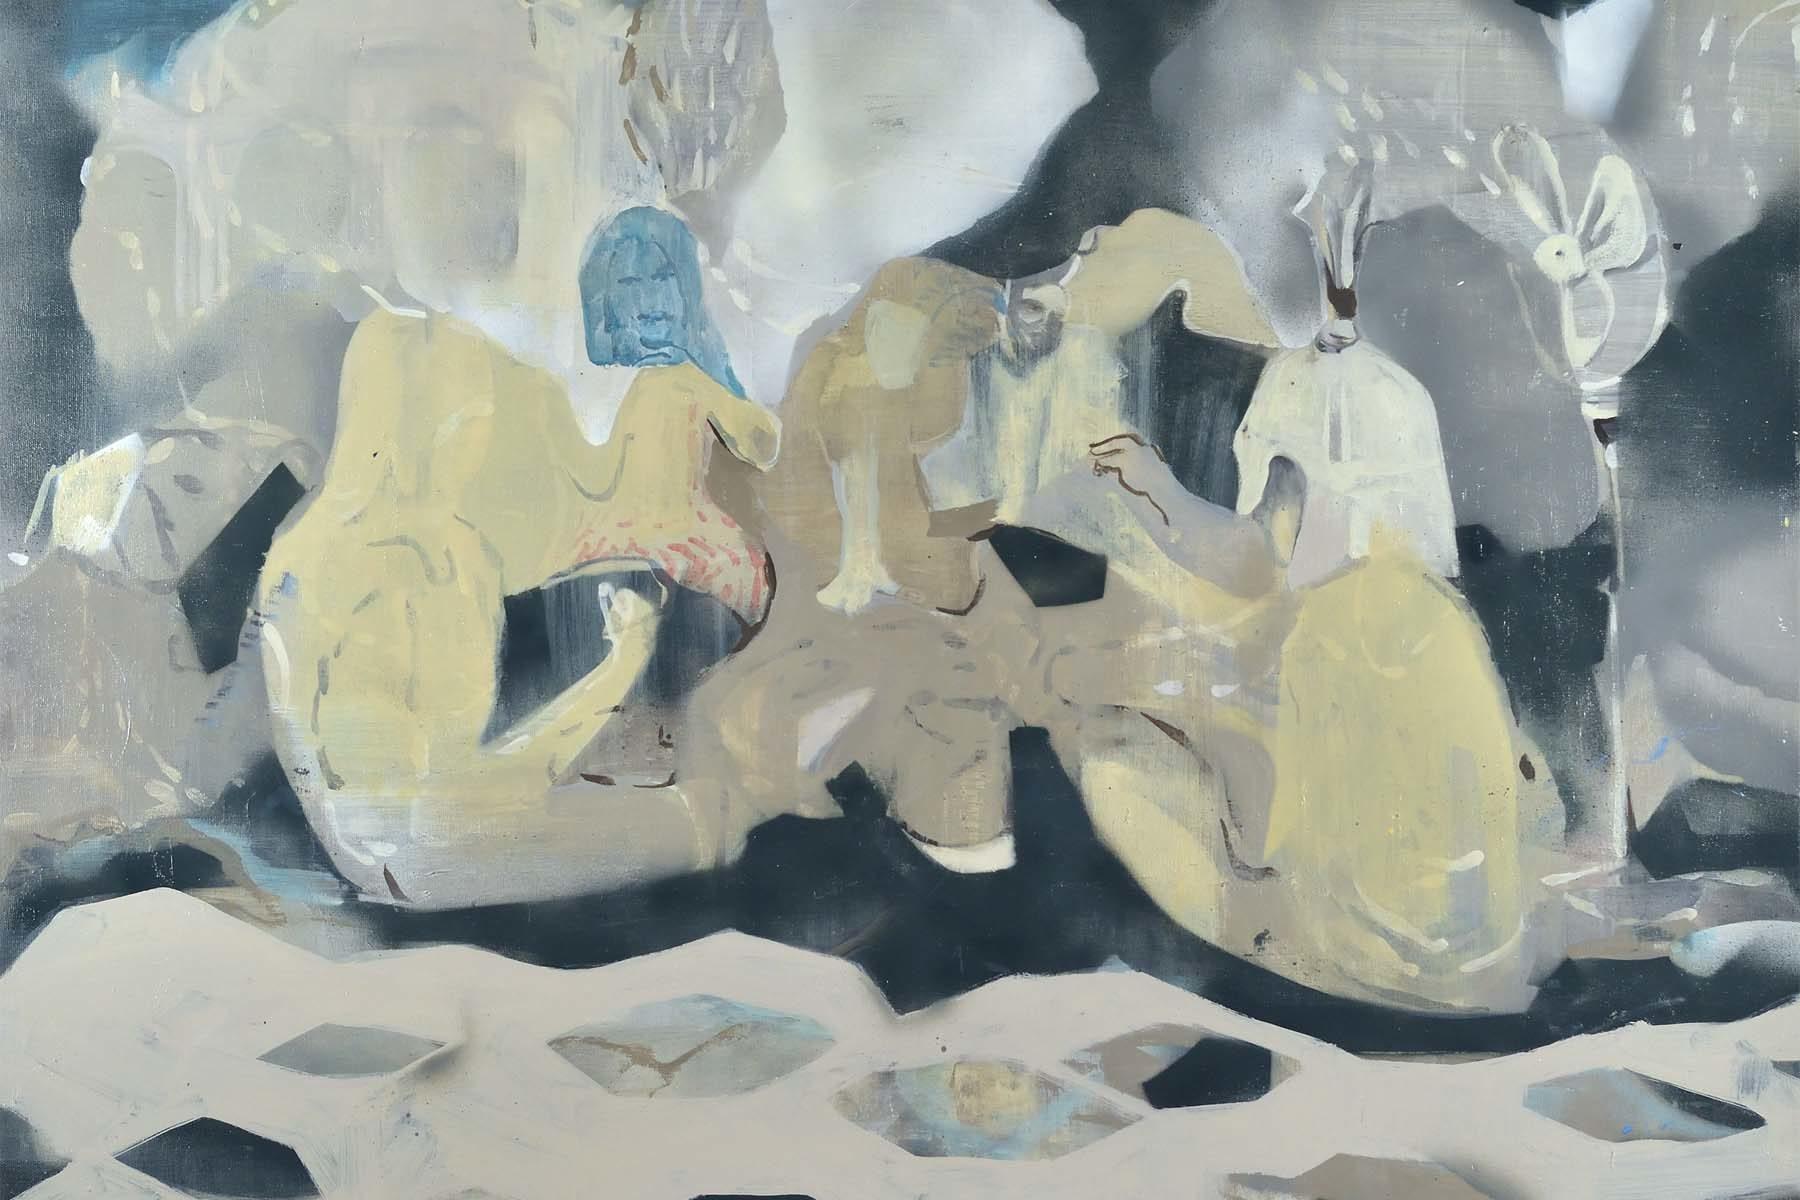 Raffaele Santillo, Notte al castello, 2016, tecnica mista su tela, 80 x 100 cm